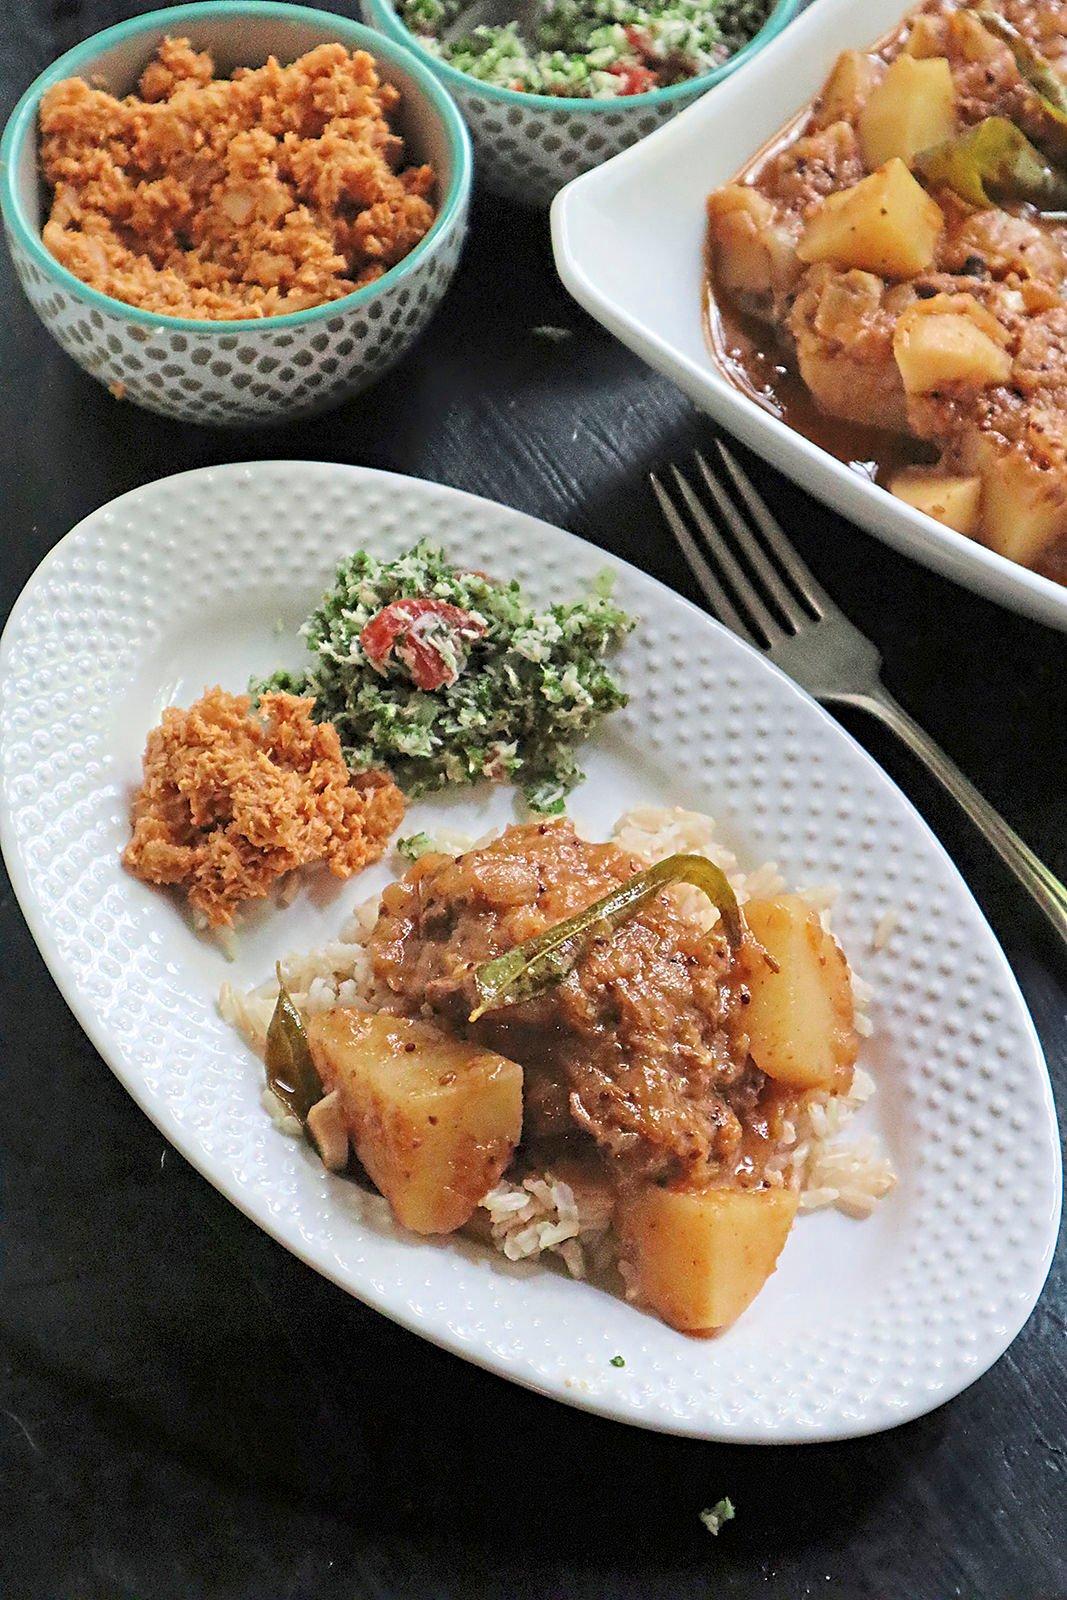 FOOD-SRI-LANKA-RECIPES-1-PG